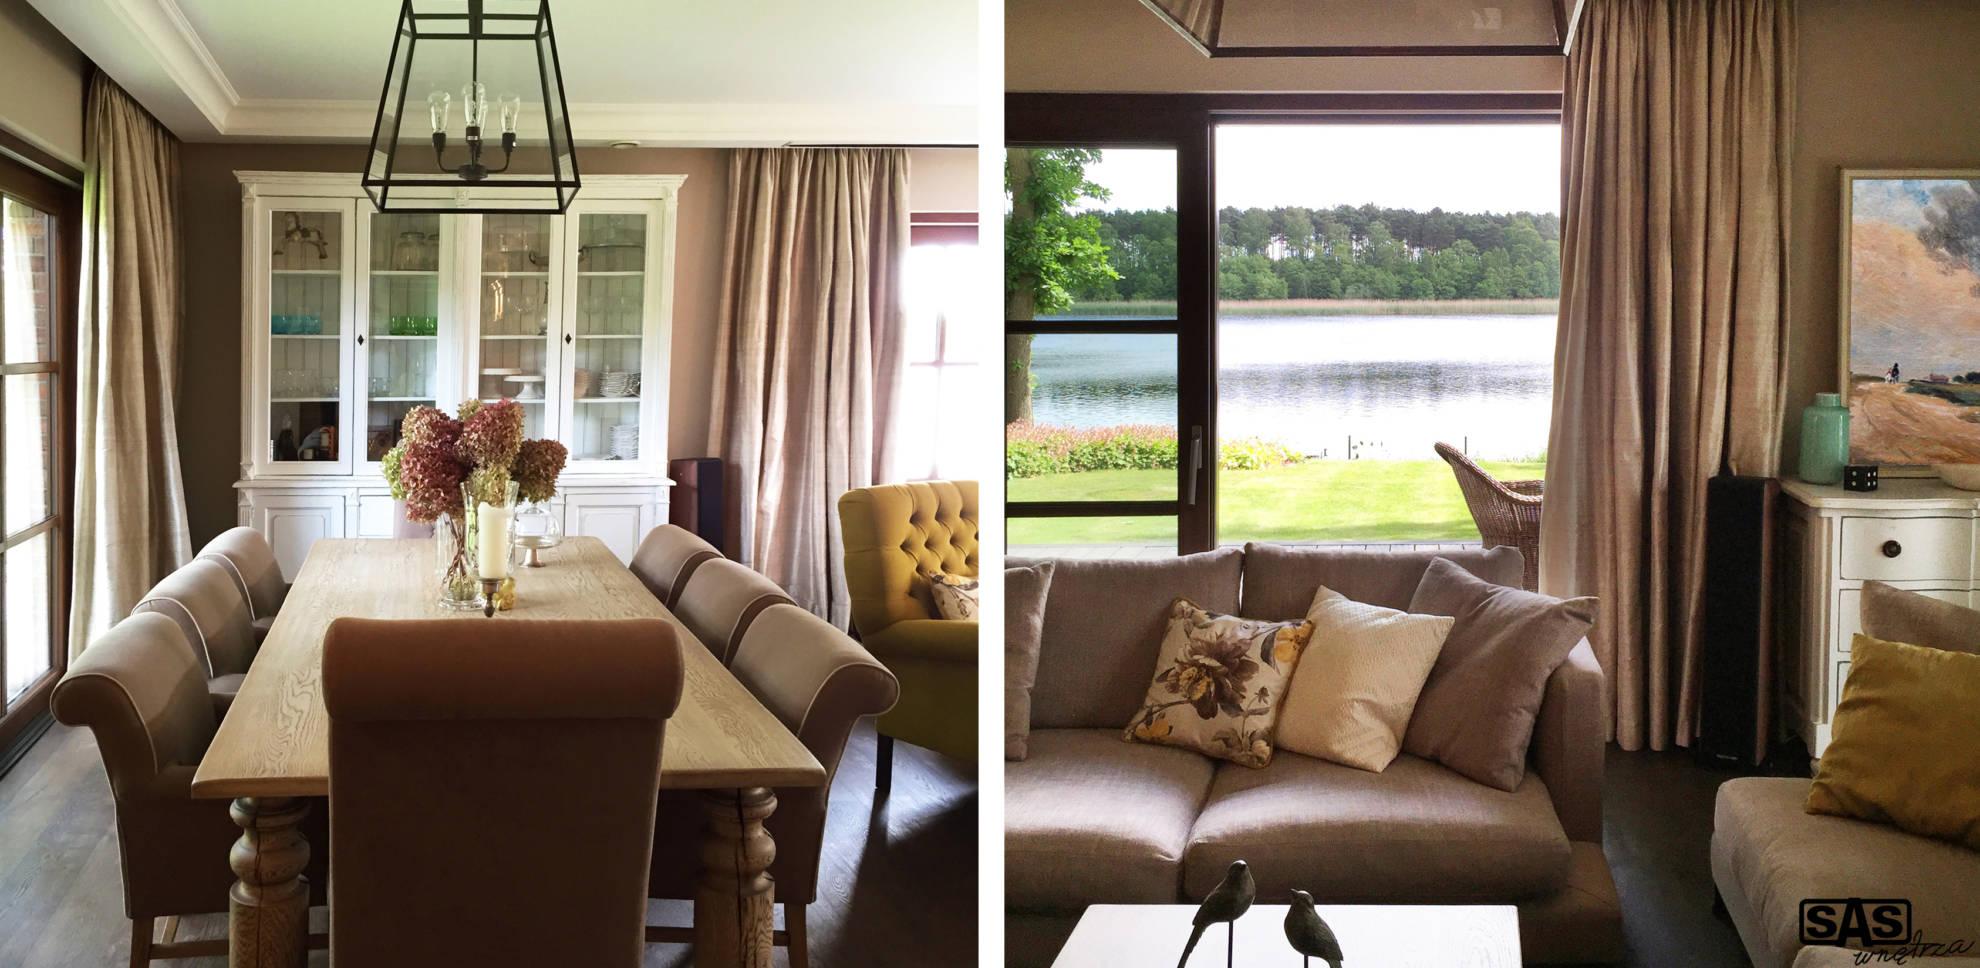 Aranżacja jadalni oraz otwartego salonu w domu jednorodzinnym - projekt architekt wnętrz Emilia Strzempek Plasun.